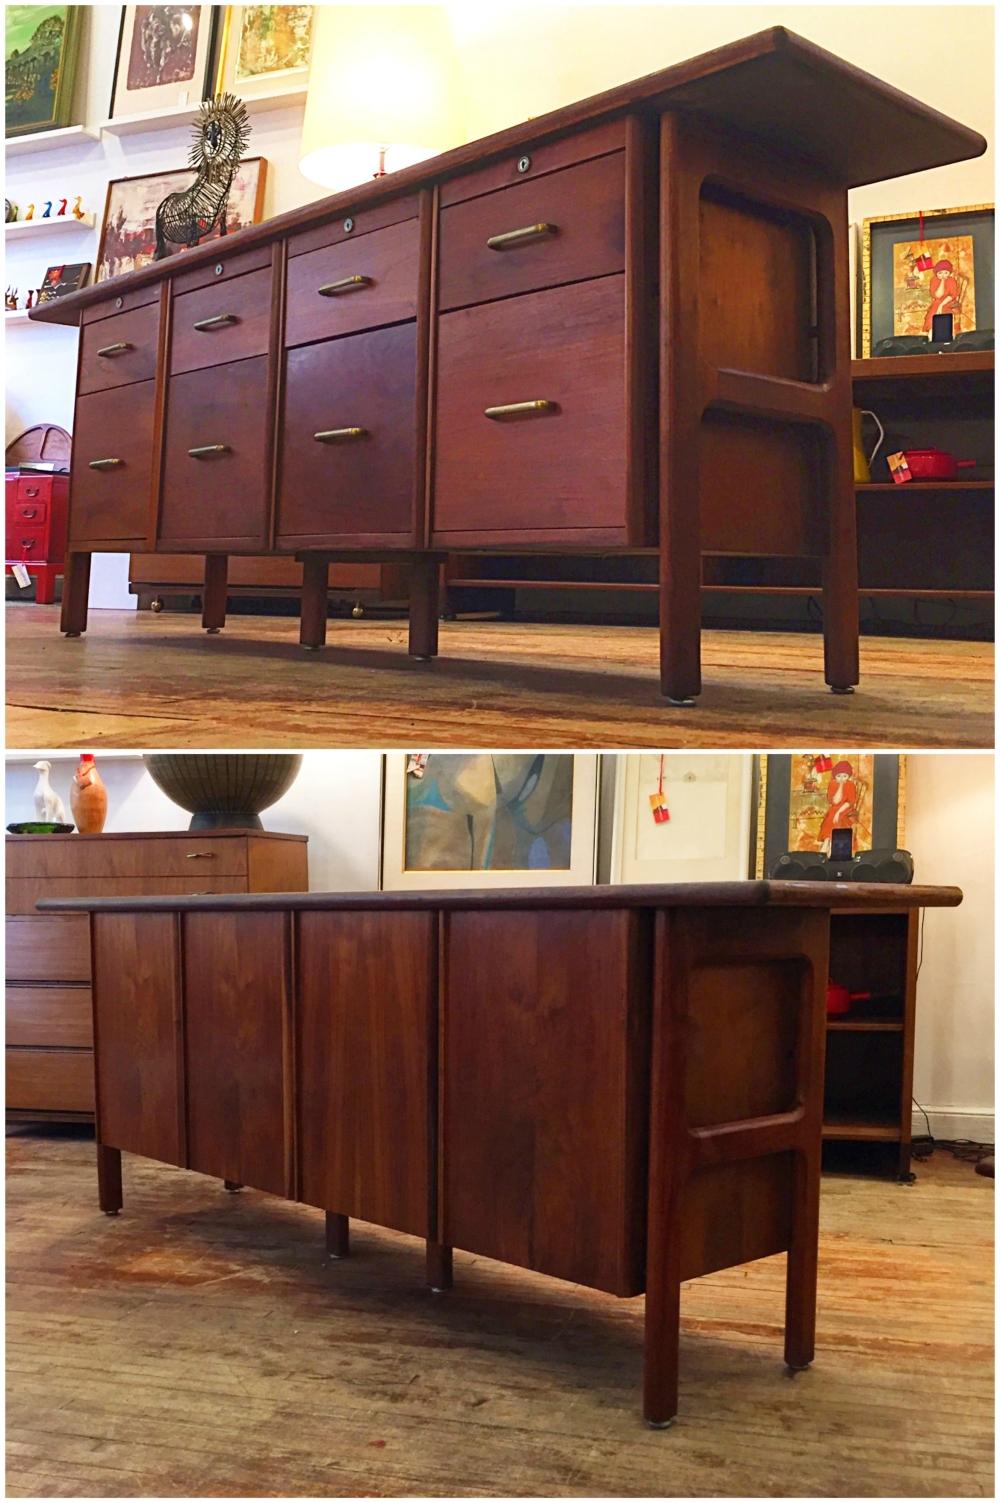 Standard Furniture walnut credenza - mid-century modern design